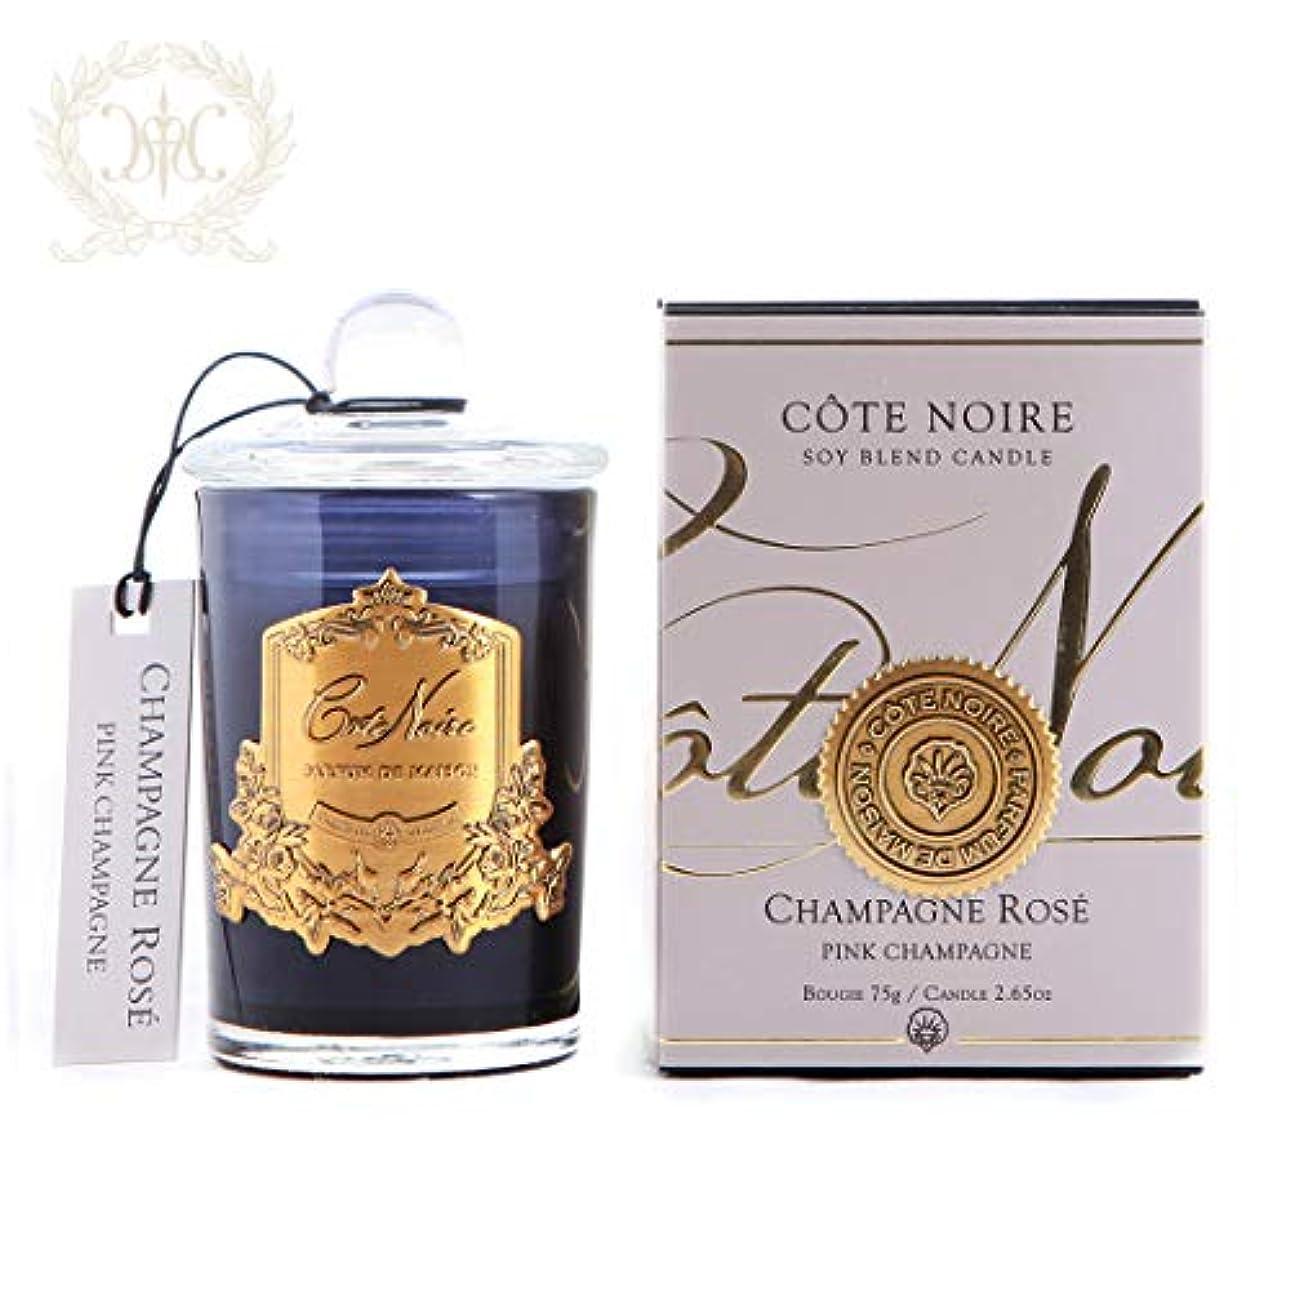 寄託病気のスキーソイブレンドアロマキャンドル/ピンクシャンパン Cote Noire/コートノアール(イギリス)